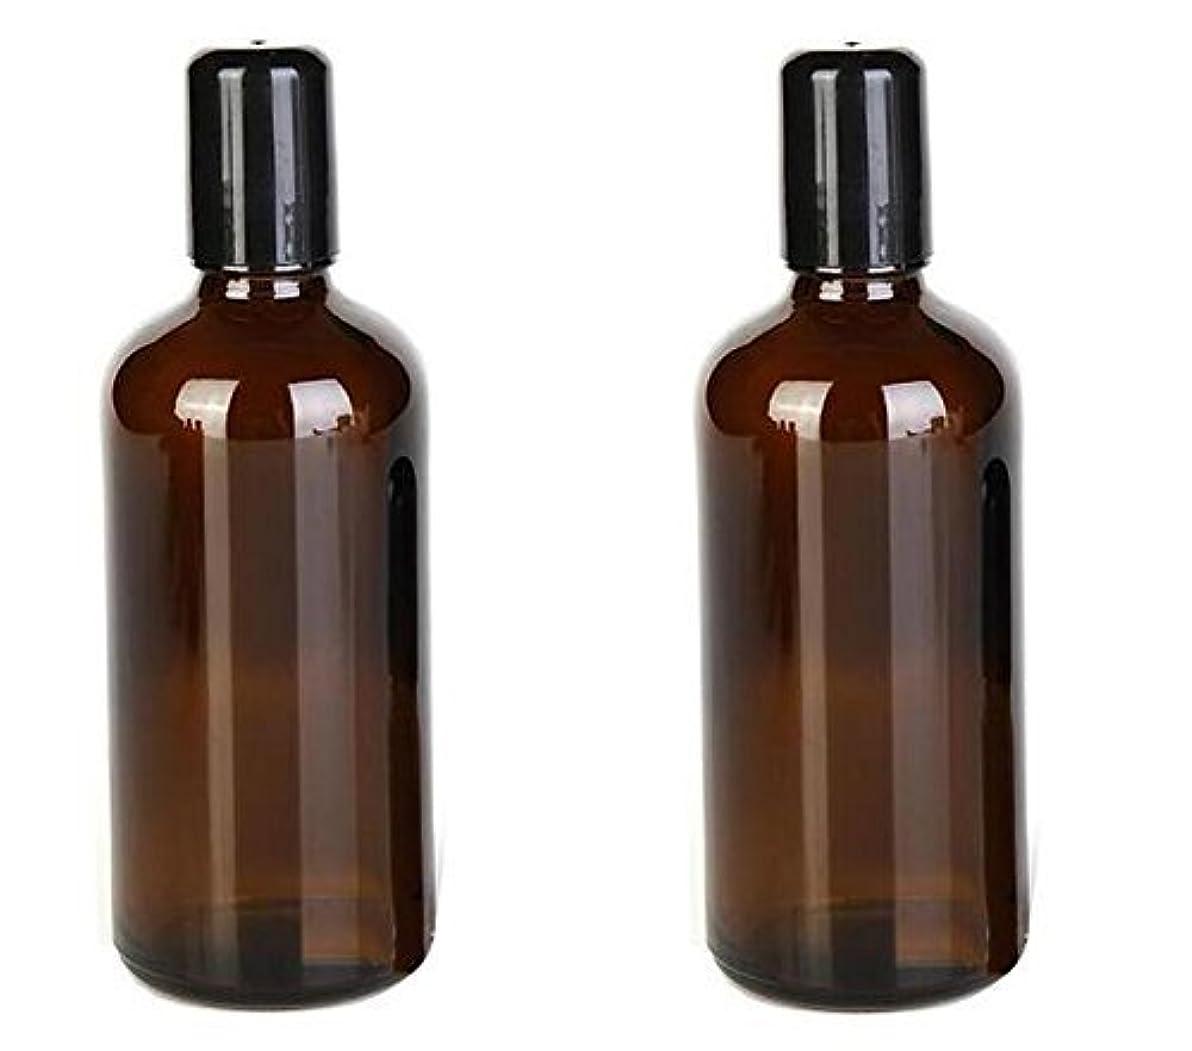 変える食欲リッチ2PCS 100ML /3.4oz Amber Glass Empty Refillable Roll On Bottles With Metal Roller Balls Roll-On Container For Essential...